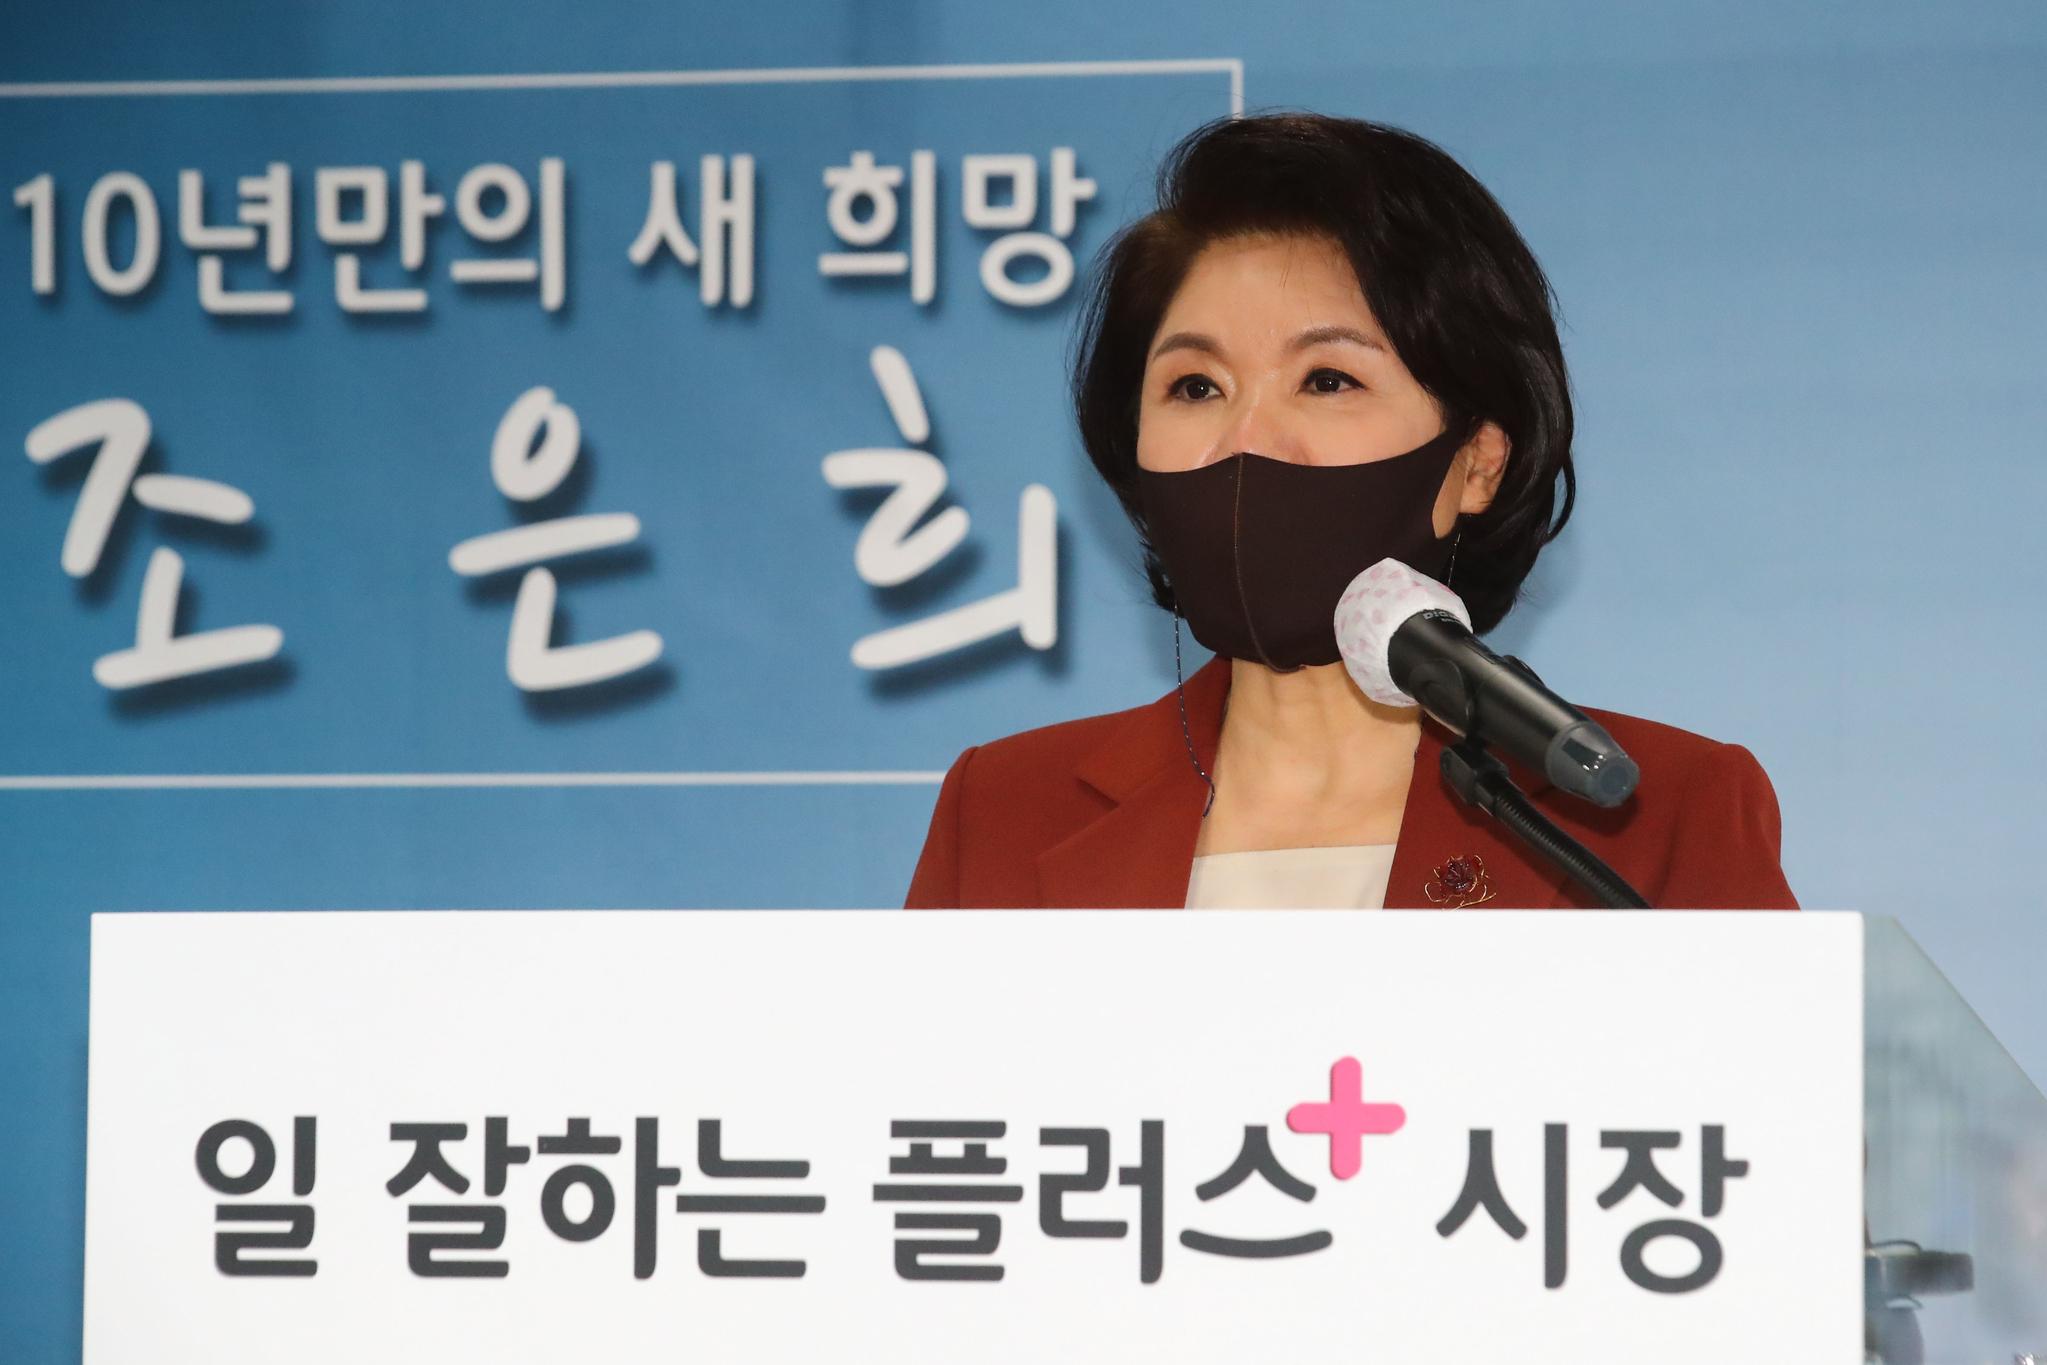 조은희 서울시장 되면 폰 번호도 공개 출마 선언 [전문]